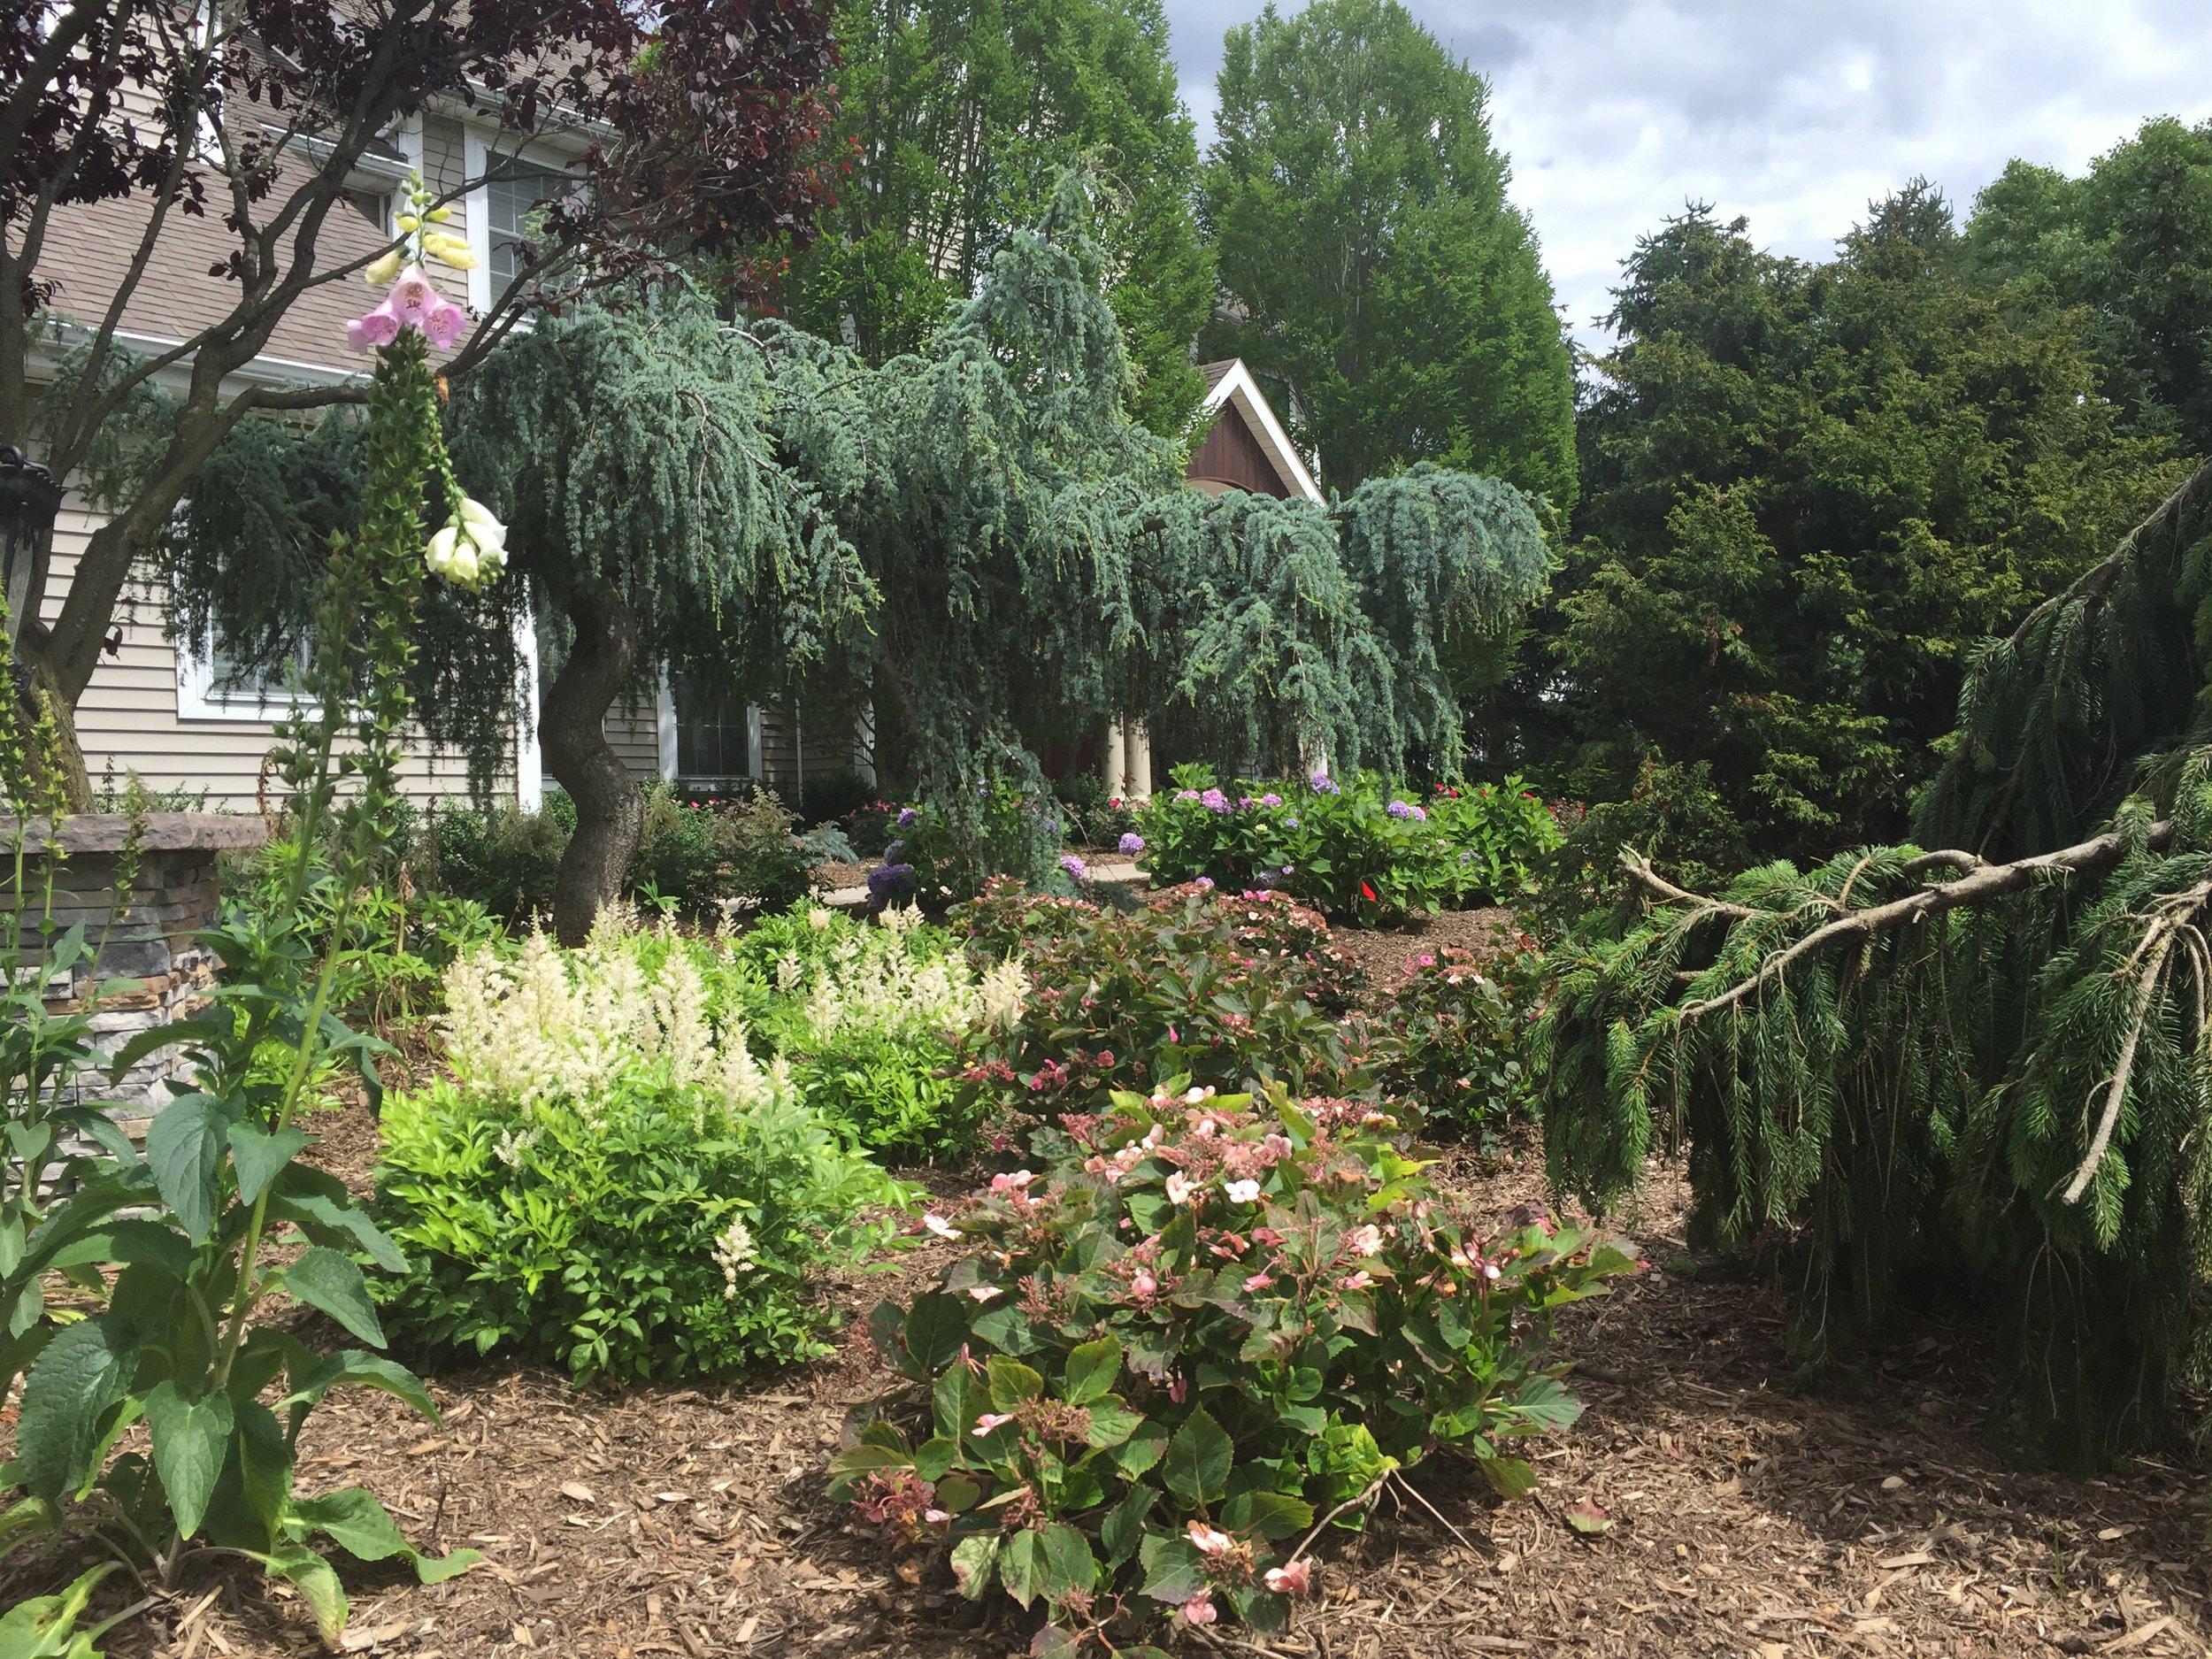 Experienced landscape shrub design company in Long Island, NY